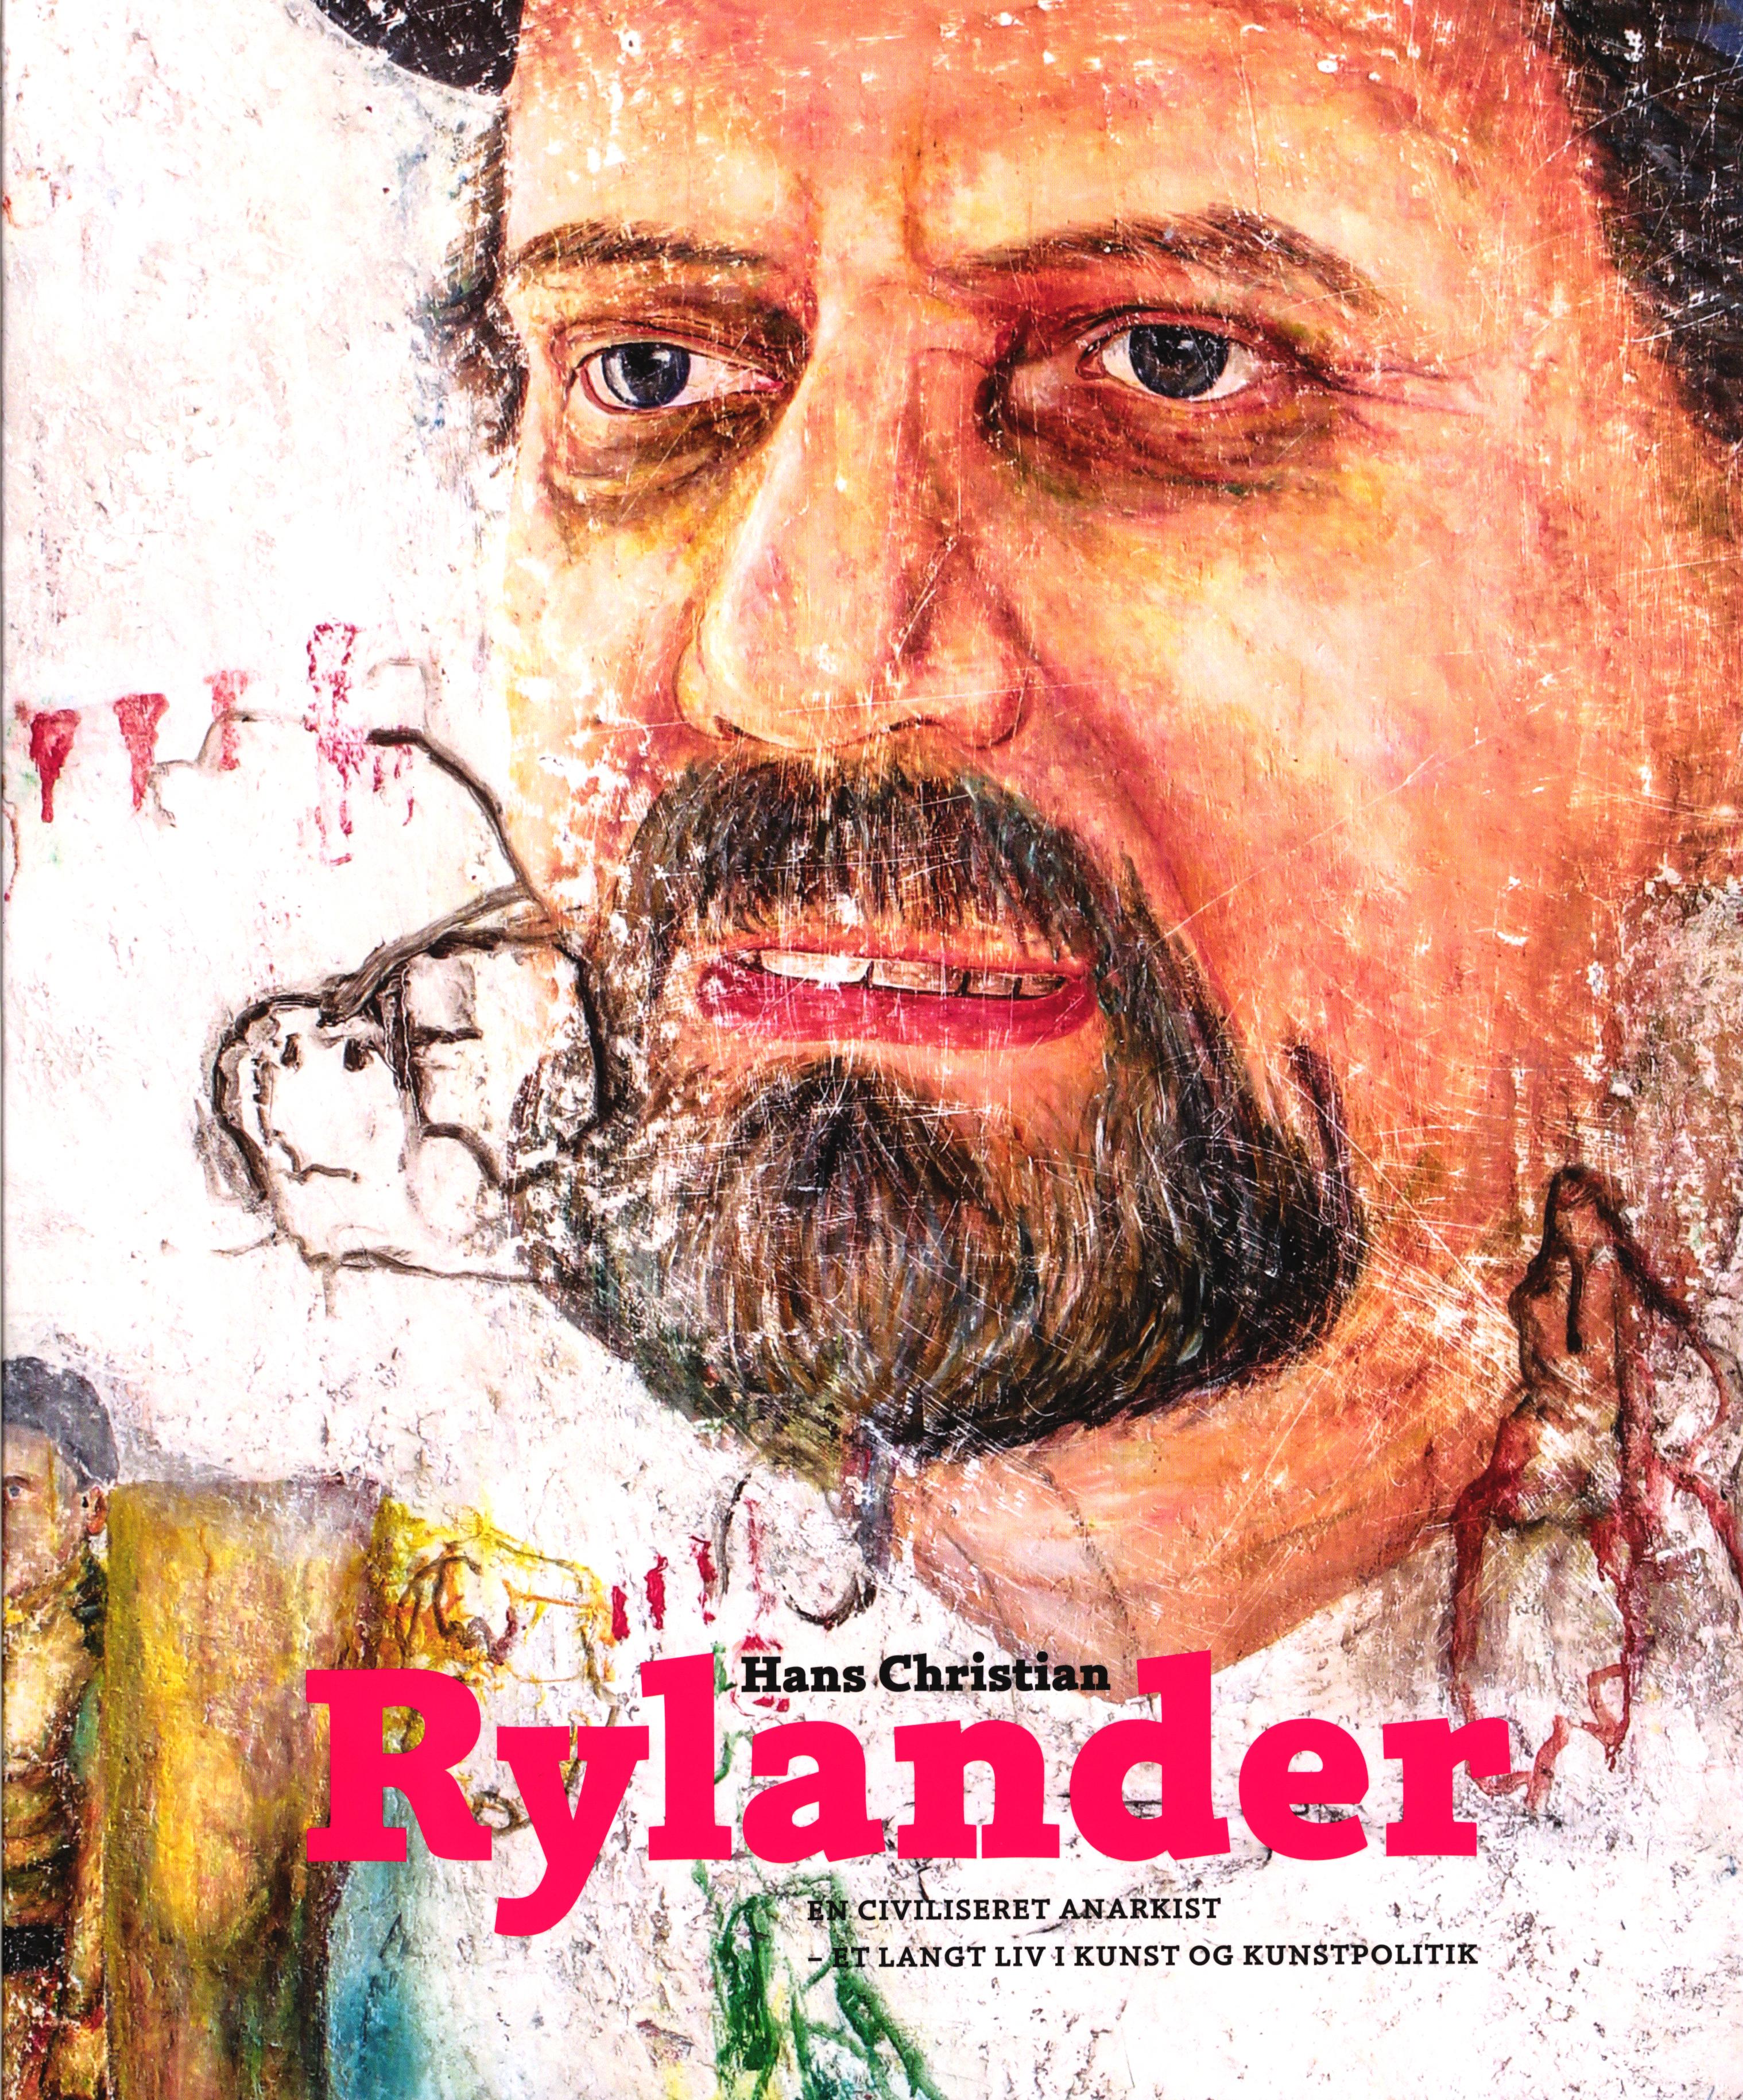 Hans Christian Rylander